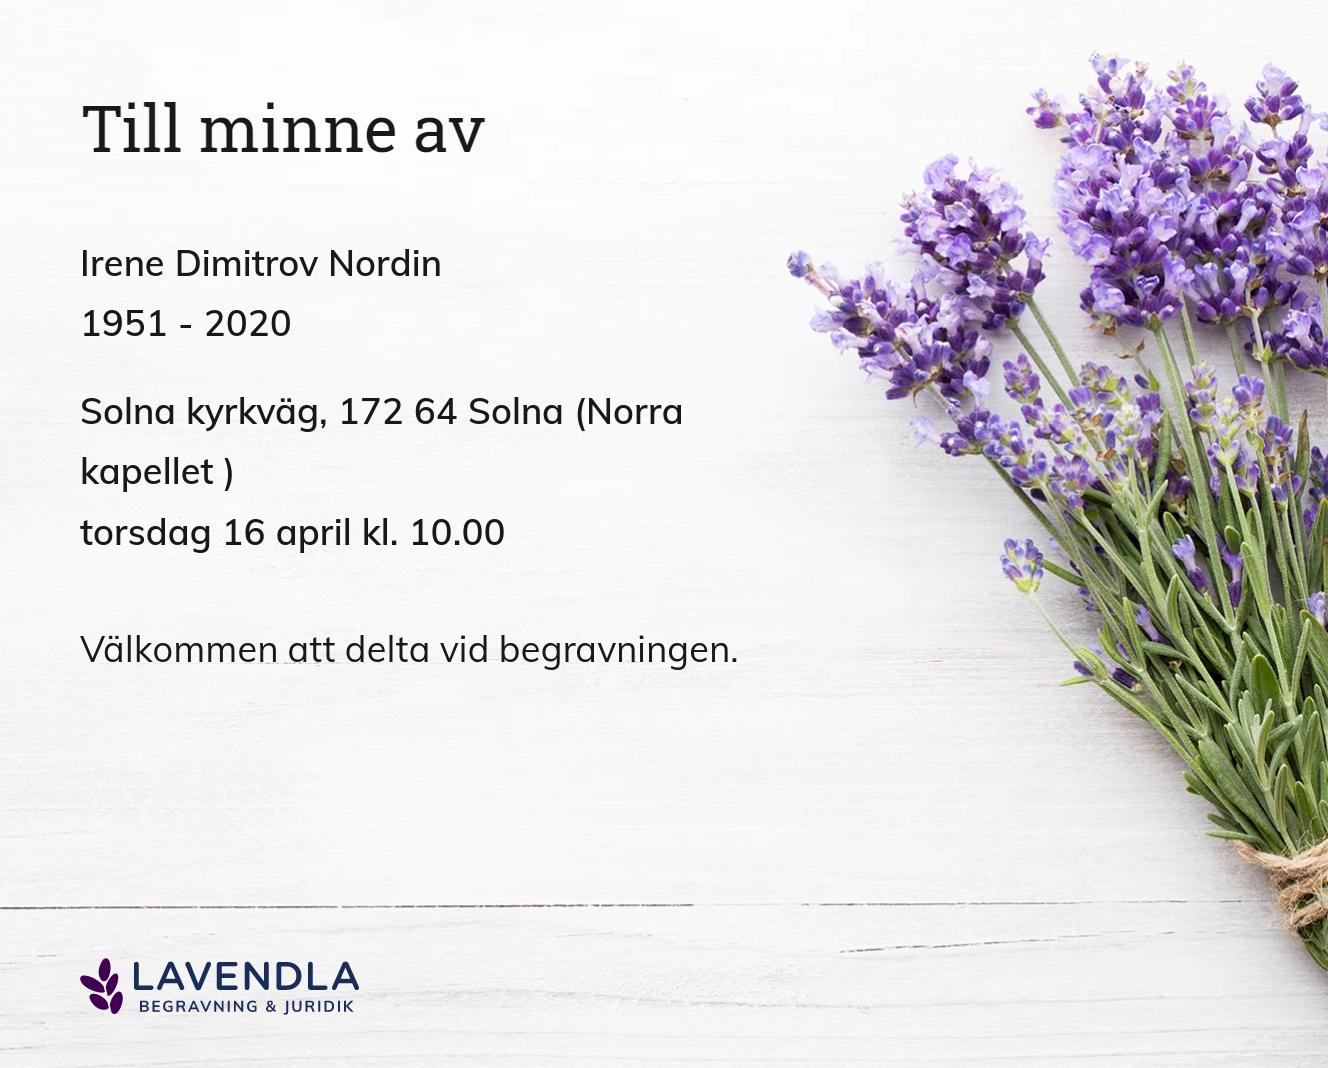 Inbjudningskort till ceremonin för Irene Dimitrov Nordin